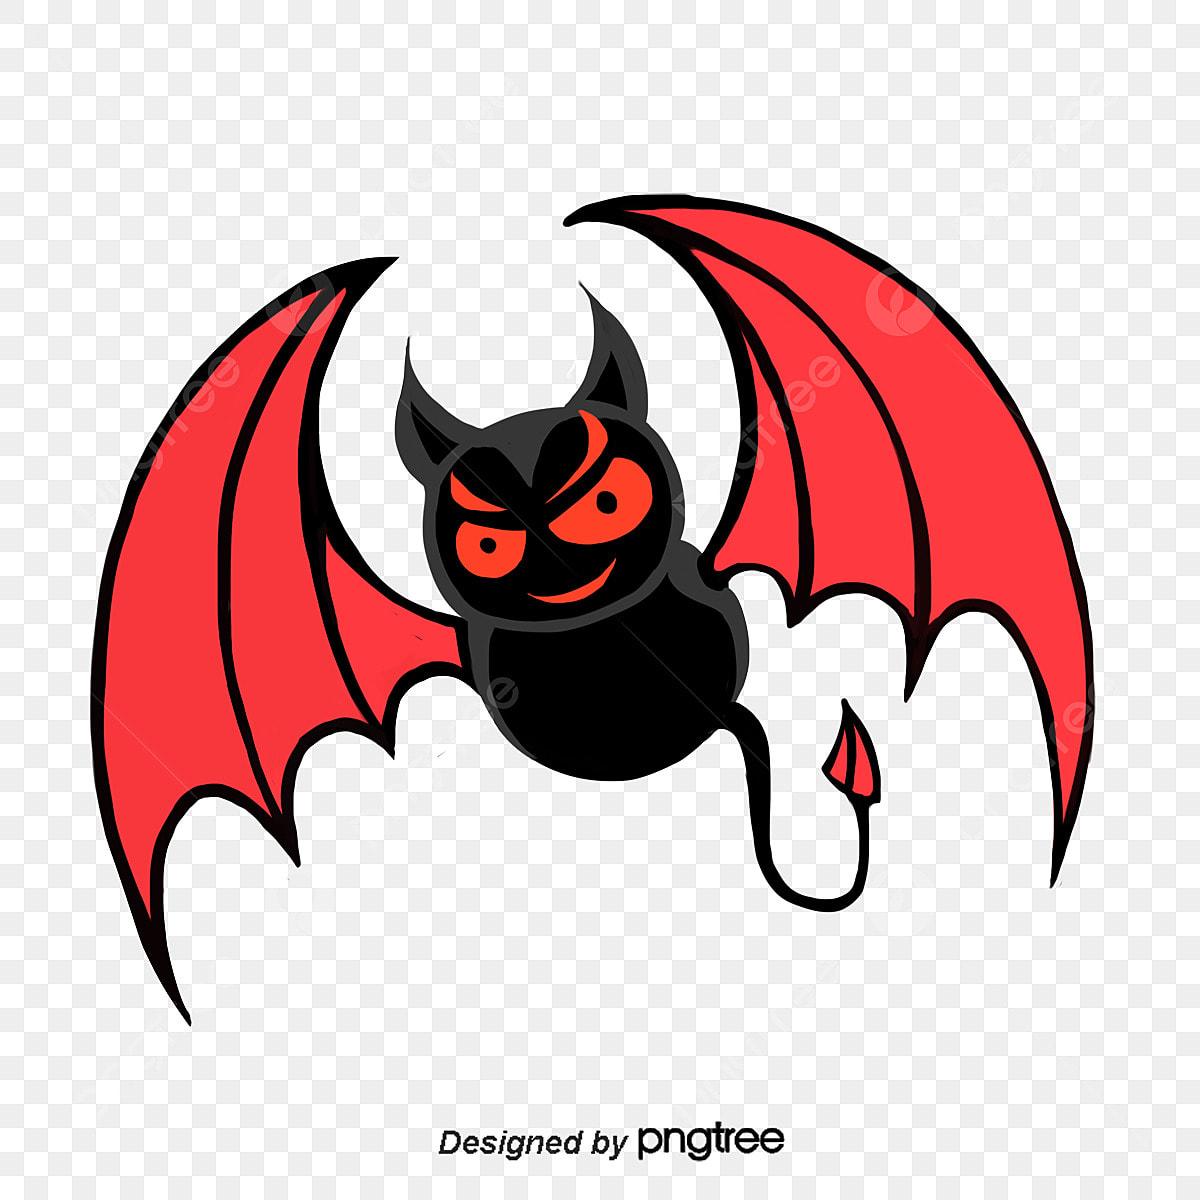 A Picture Of A Cartoon Bat cartoon style cute bats, cartoon style, lovely, bat png